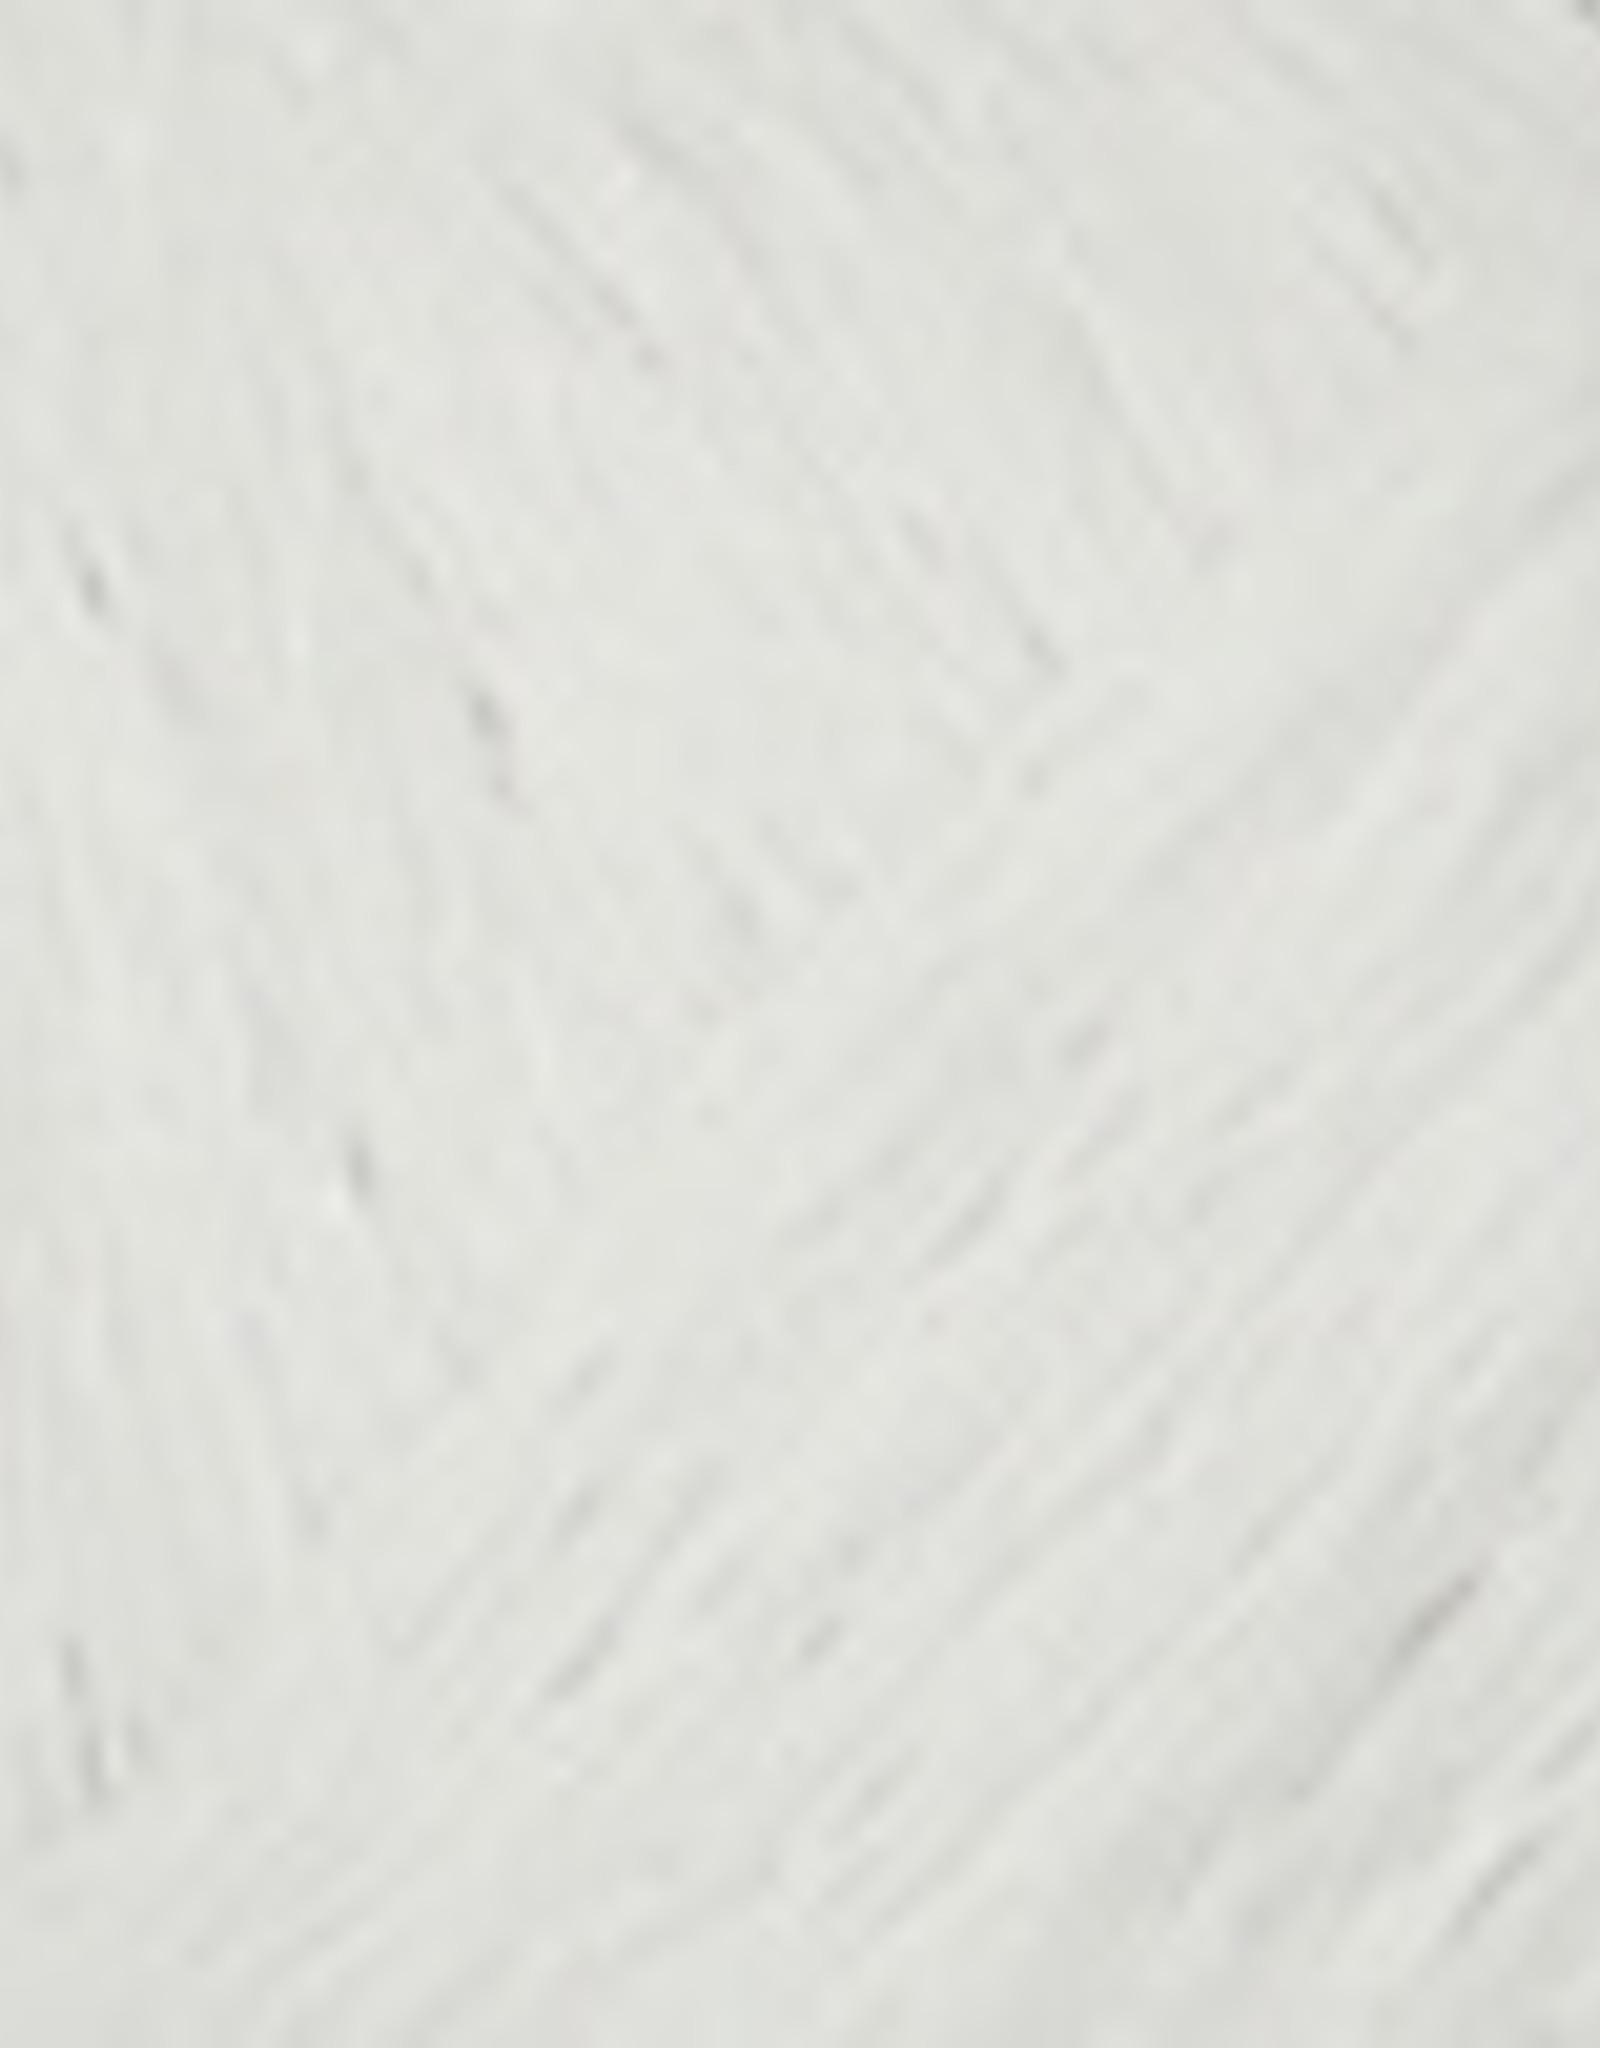 Angels-Knit by FDF Breipakket Top Mara -L/XL- 090/01